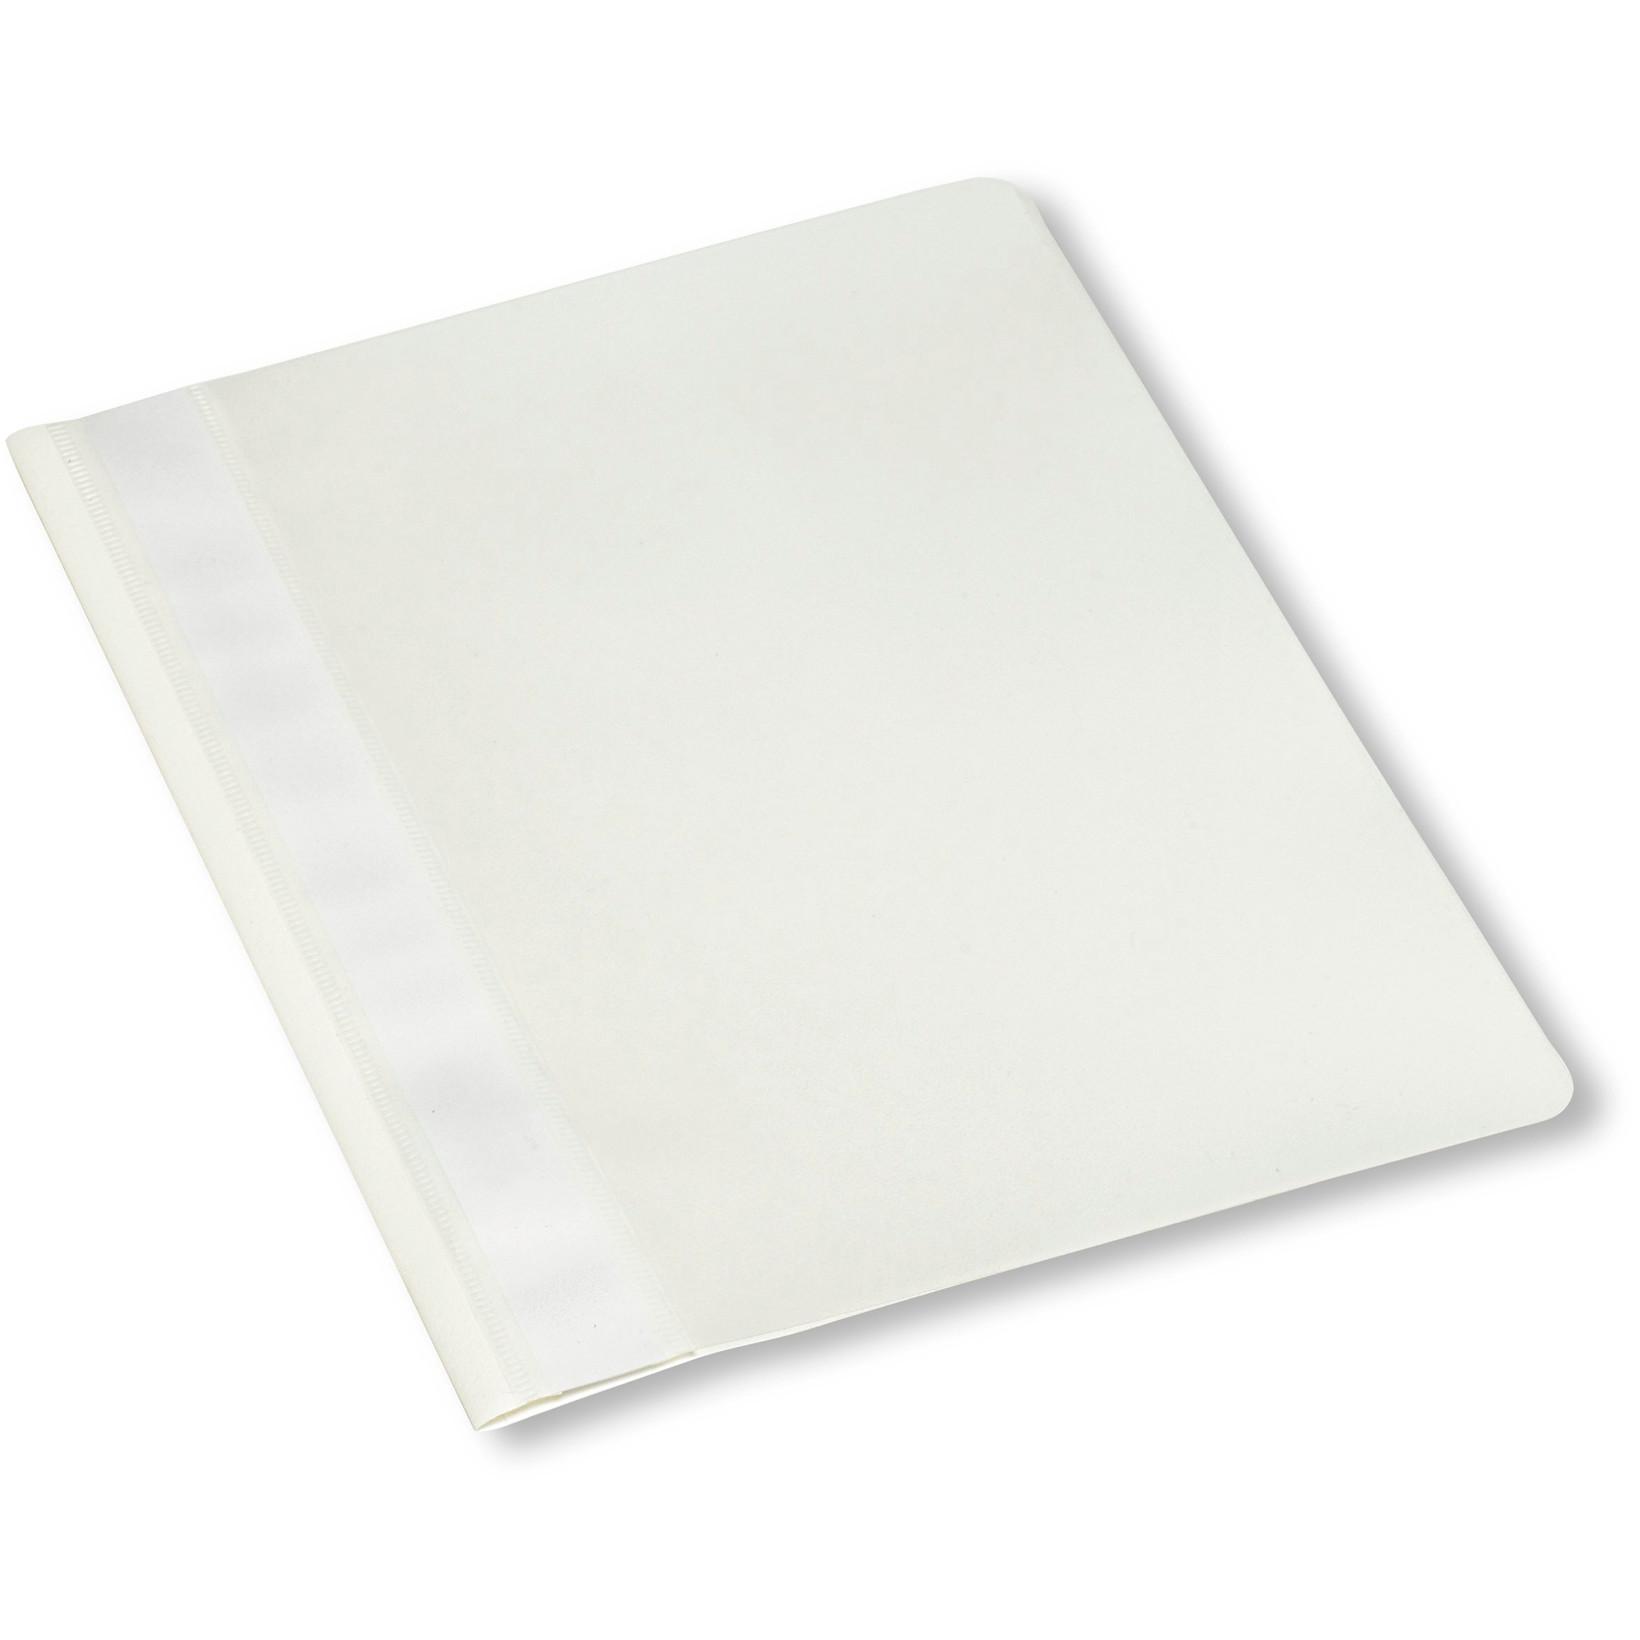 A5 tilbudsmappe hvid Bantex - 100400330